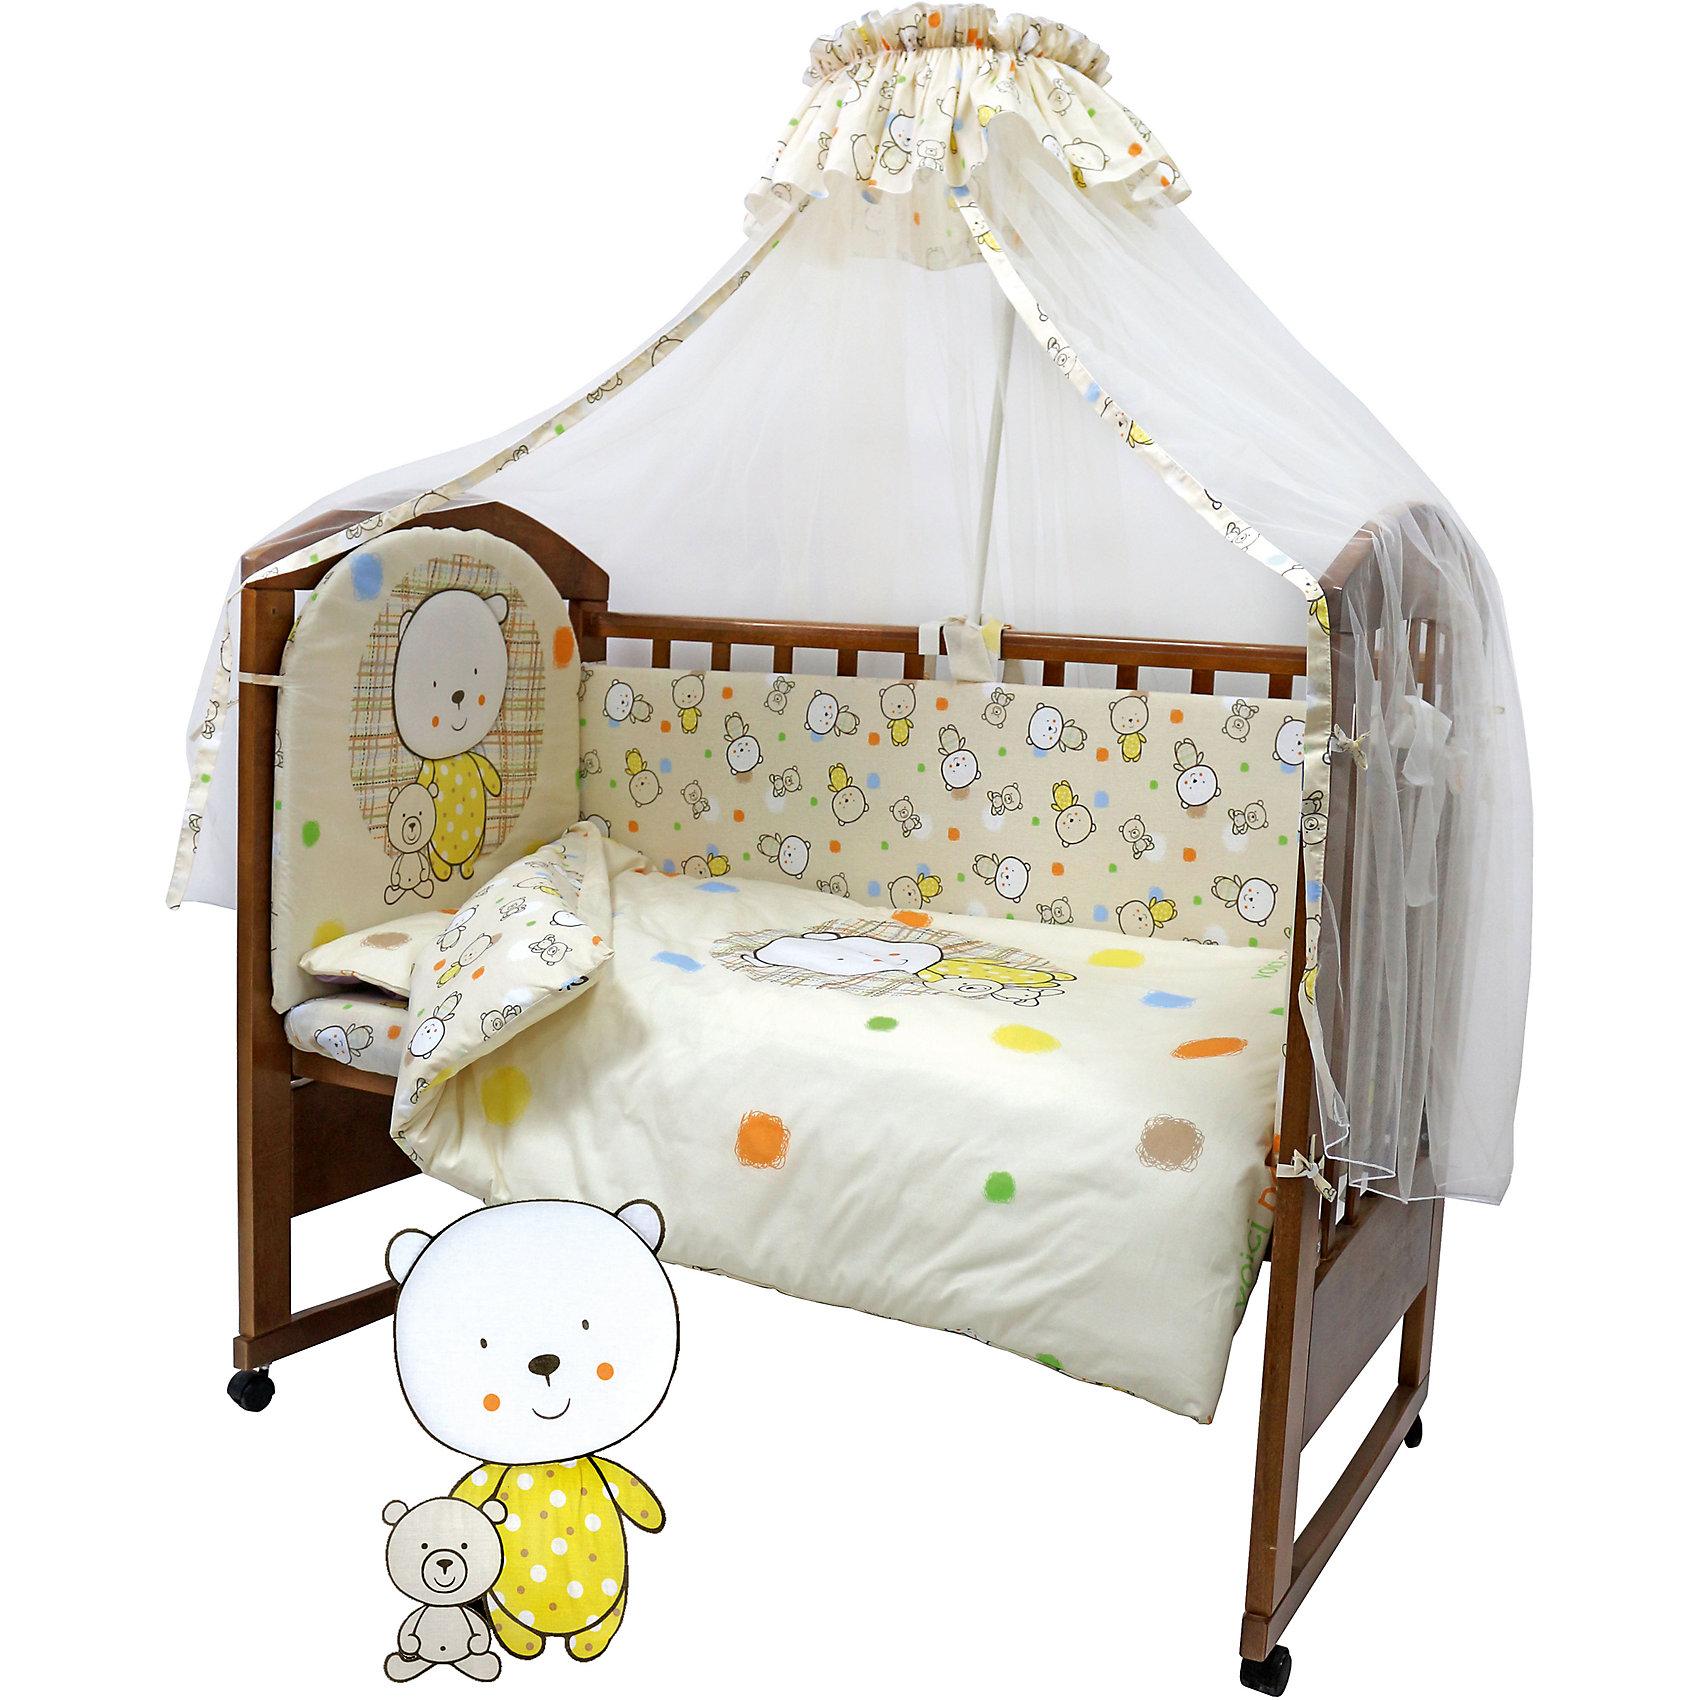 Постельное белье Мой Медвежонок, 7 пр., бежевыйПостельное белье Мой Медвежонок - прекрасный вариант для деткой кроватки. Нежная расцветка и спокойный принт создадут нужную для сна атмосферу и подарят крепкий сон вашему крохе. Белье изготовлено из натурального хлопка - безопасного гипоаллергенного материала очень приятного к телу. <br><br>Дополнительная информация:<br><br>Комплектация:<br>Балдахин 4,5м. (сетка)<br>Охранный бампер 360*40см. (из 4-х частей на молнии, наполнитель – холлофайбер)<br>Подушка 40*60см. (наполнитель – холлофайбер)<br>Одеяло 140*110см. (наполнитель – холлофайбер)<br>Наволочка 40*60см.<br>Пододеяльник 147*112см.<br>Простынь на резинке 120*60см.<br>Ткань – 100% хлопок<br><br>Постельное белье Мой Медвежонок, 3 пр., бежевое, можно купить в нашем магазине.<br><br>Ширина мм: 600<br>Глубина мм: 600<br>Высота мм: 200<br>Вес г: 4000<br>Возраст от месяцев: 0<br>Возраст до месяцев: 36<br>Пол: Унисекс<br>Возраст: Детский<br>SKU: 4051712